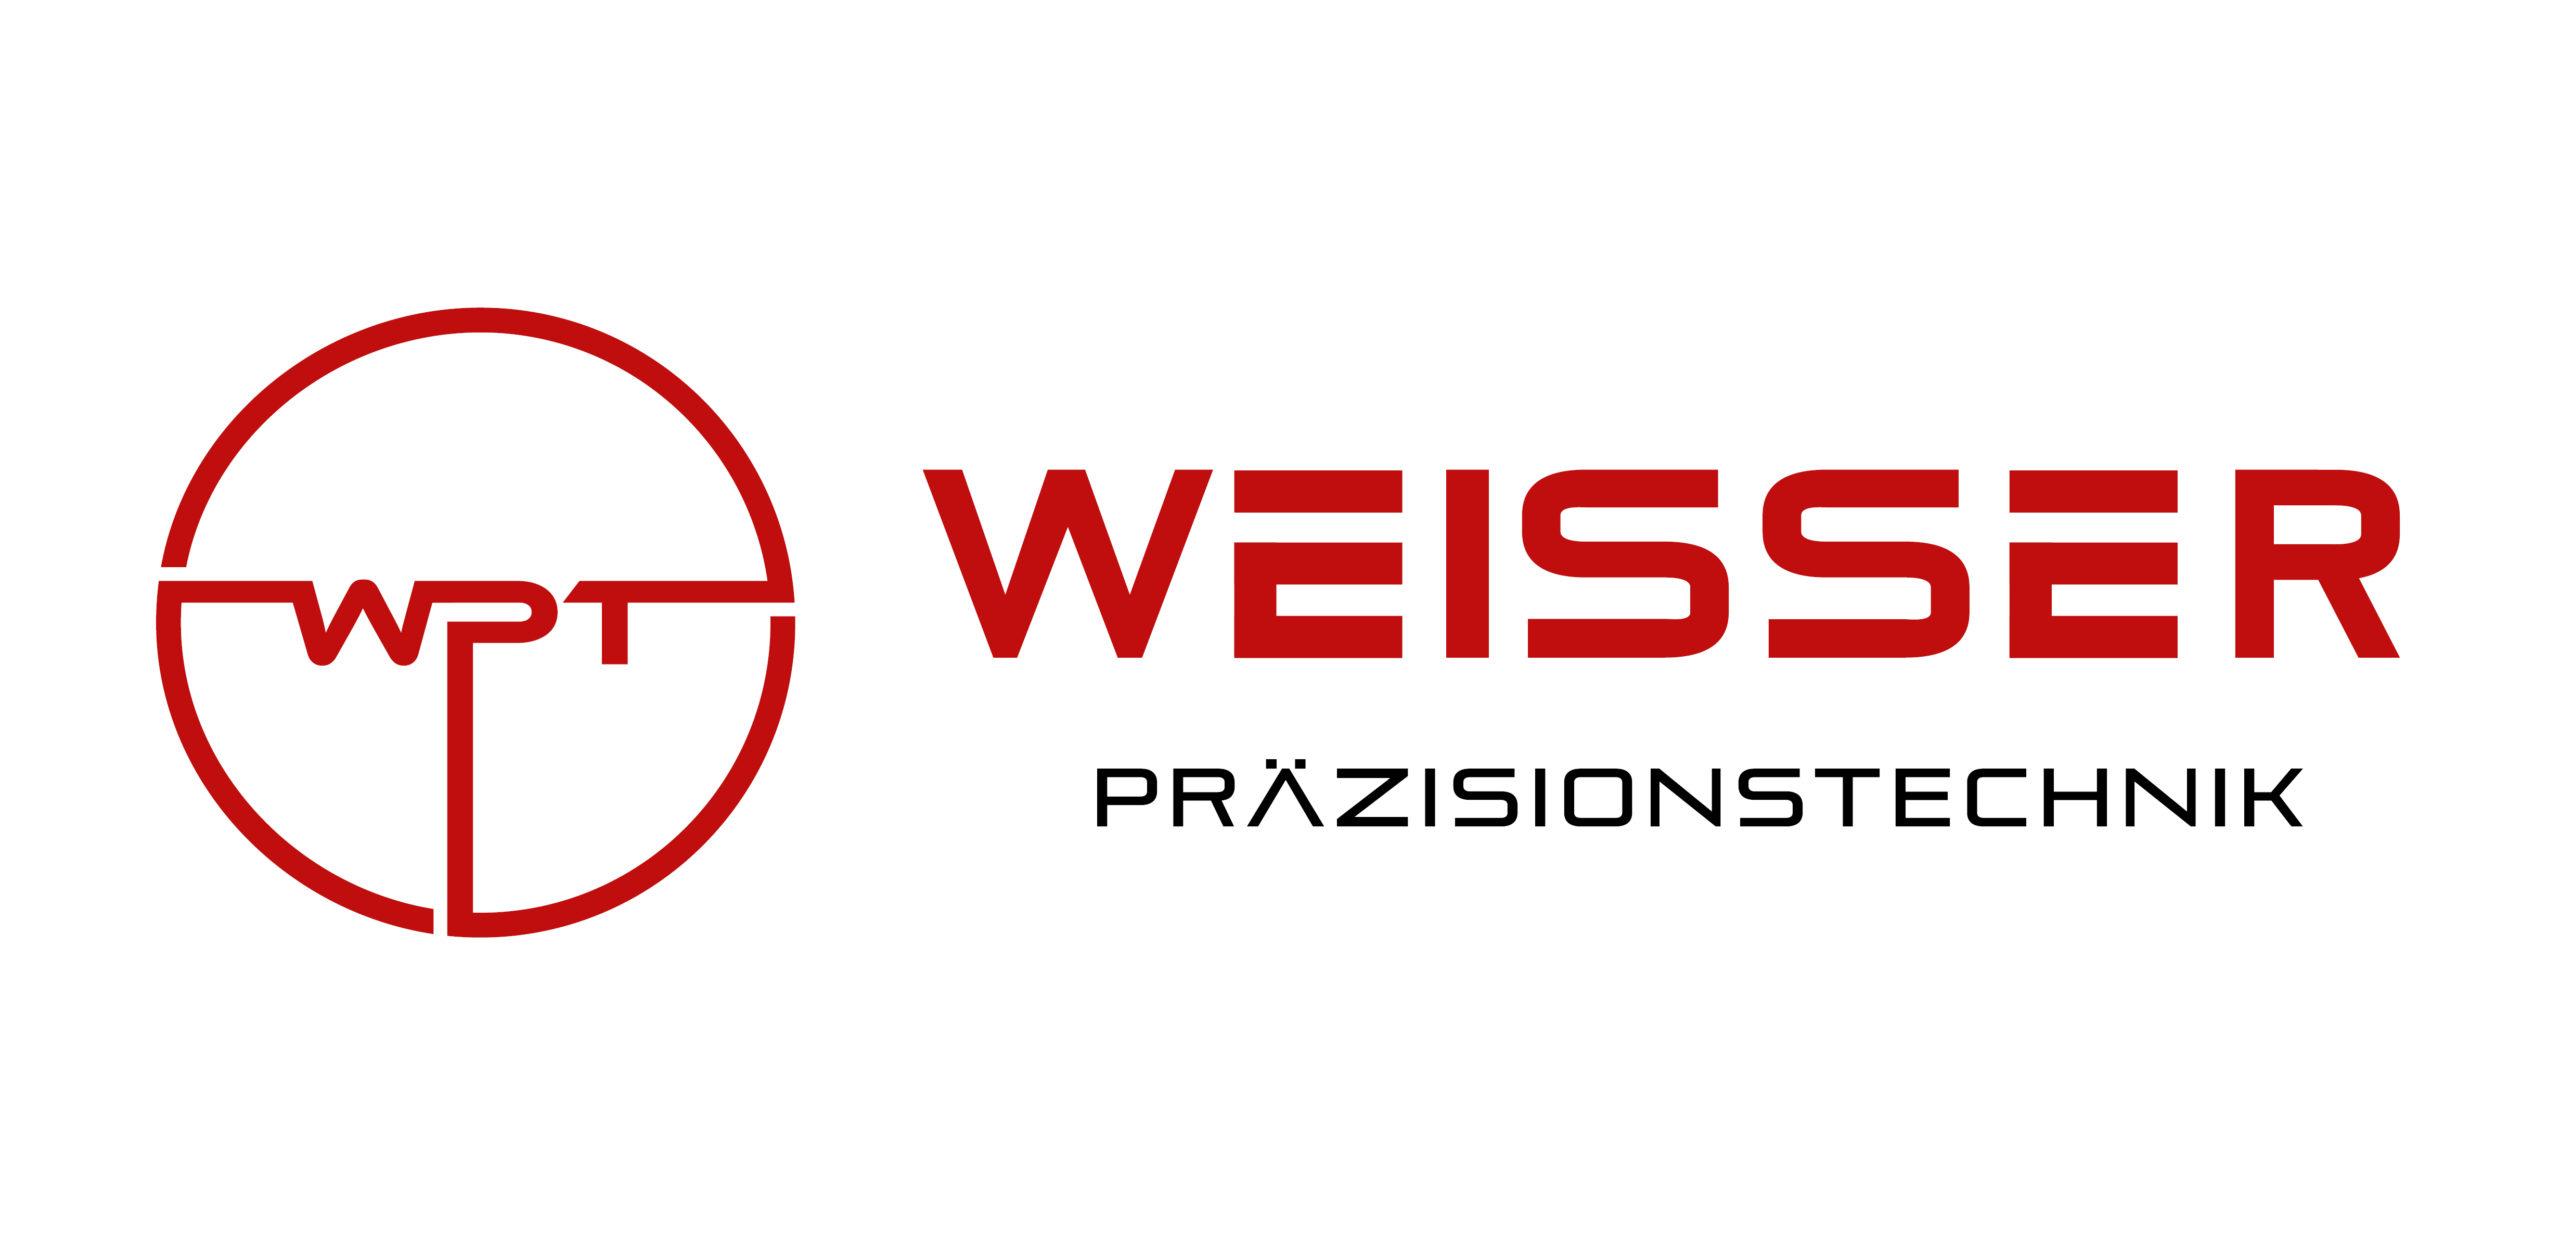 WEISSER Präzisionstechnik GmbH & Co. KG